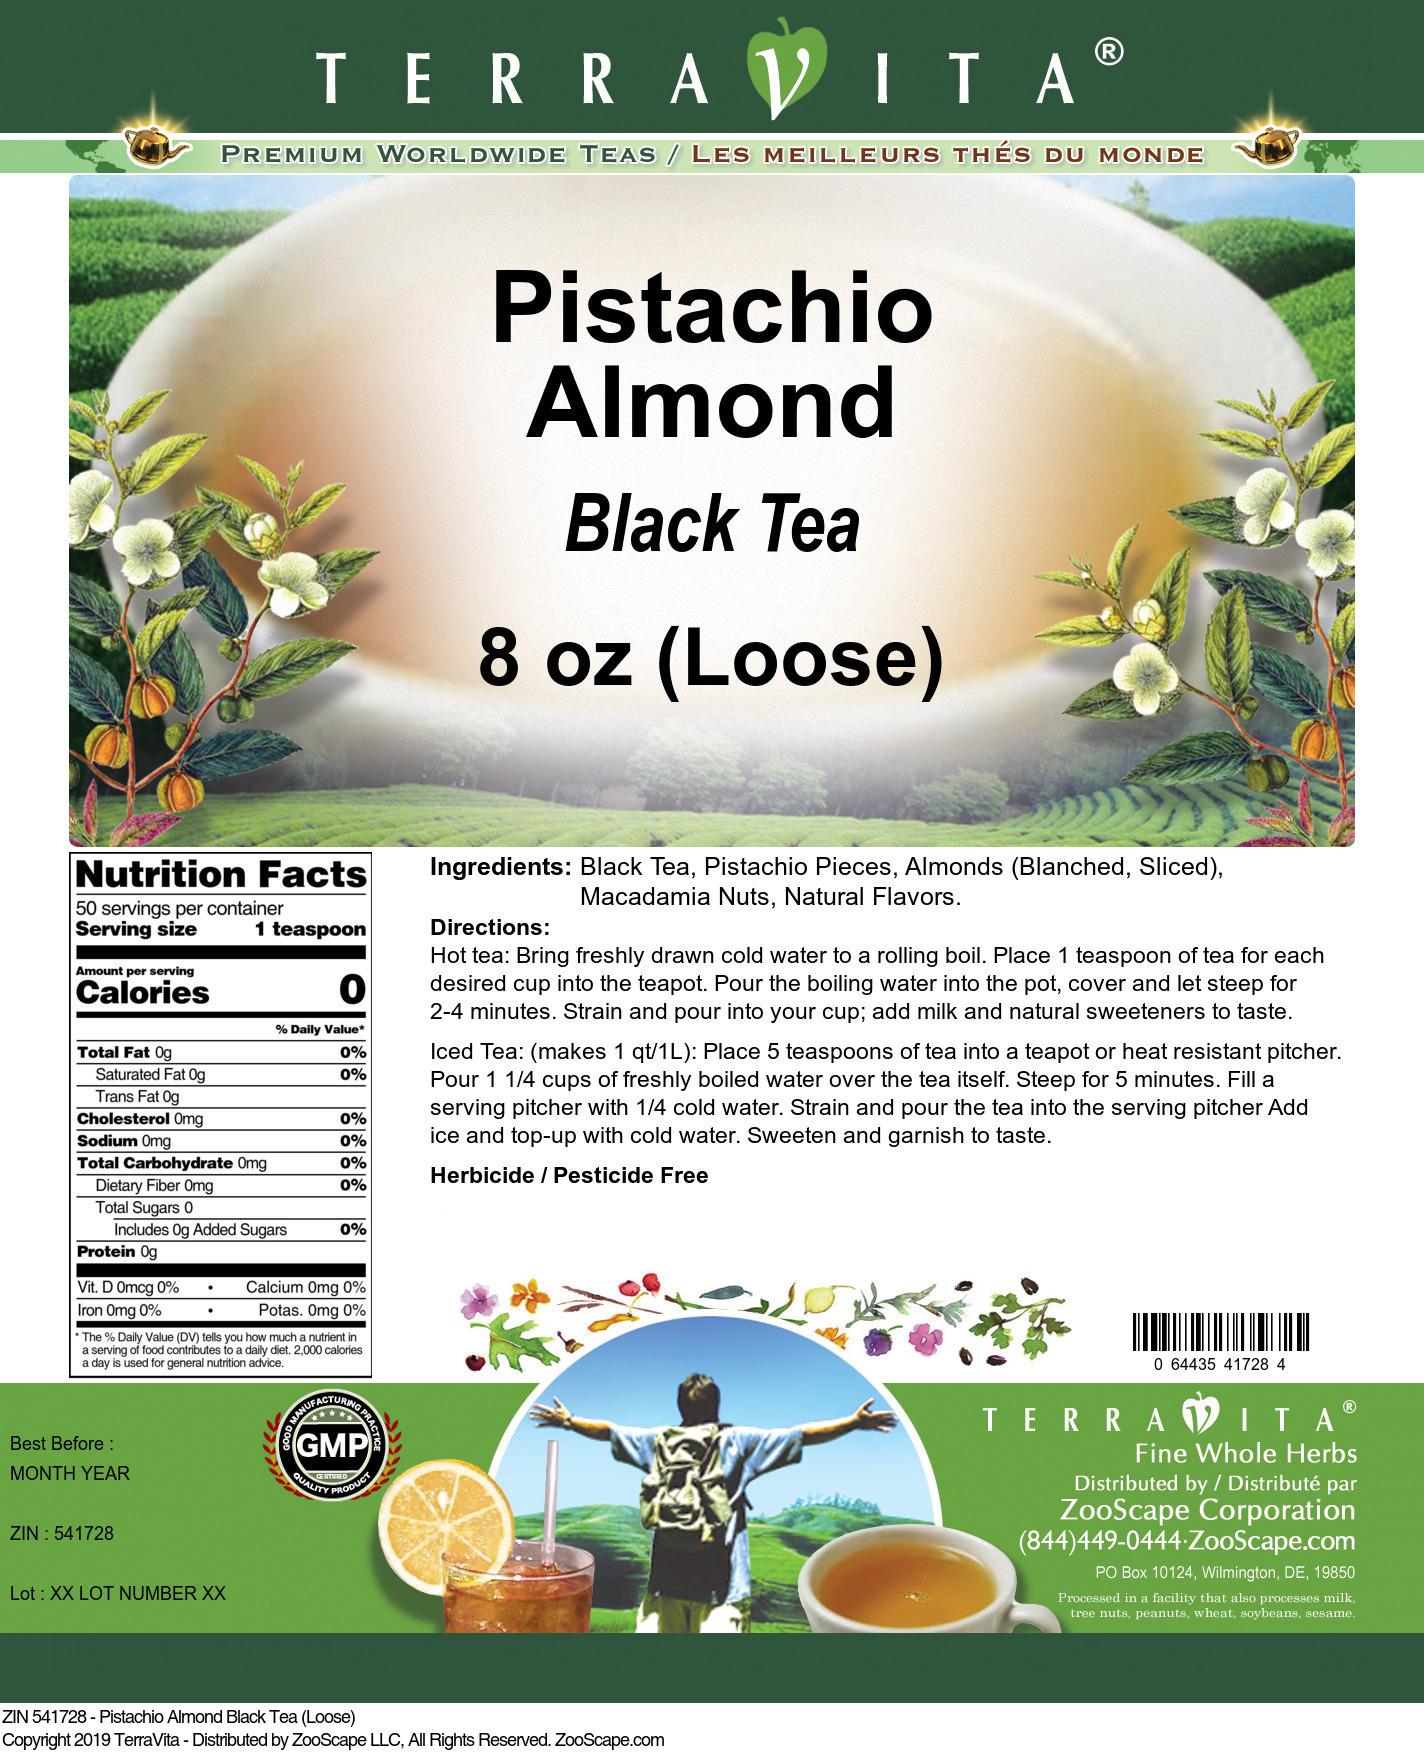 Pistachio Almond Black Tea (Loose)